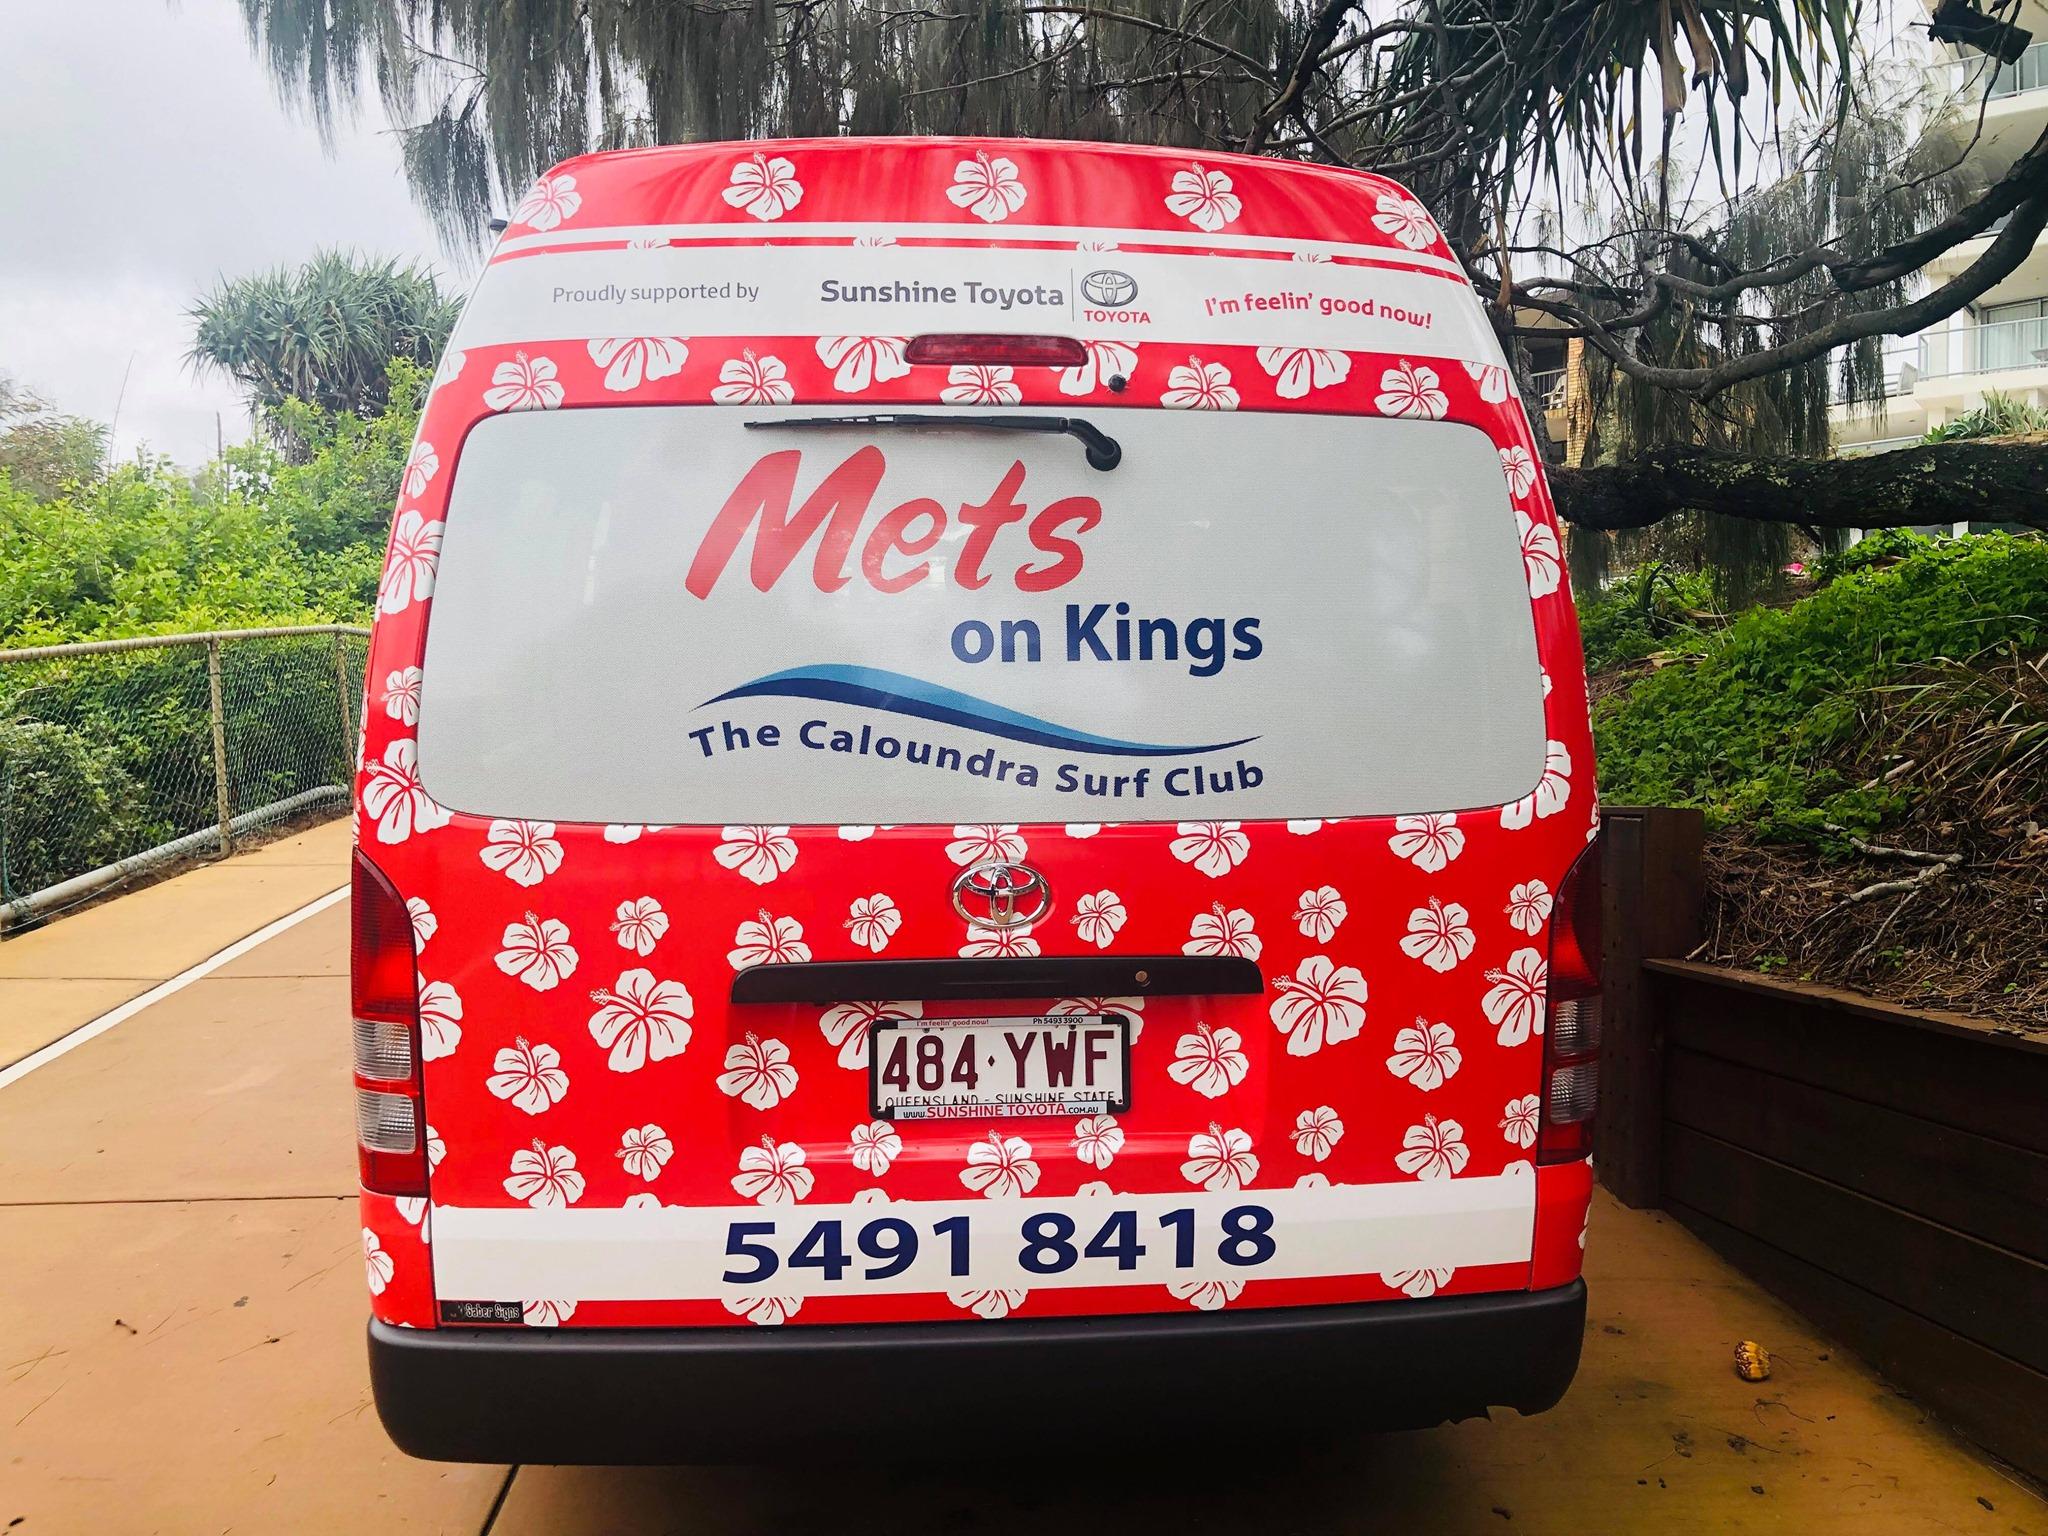 Sunshine Toyota sponsors Mets on Kings Courtesy Bus